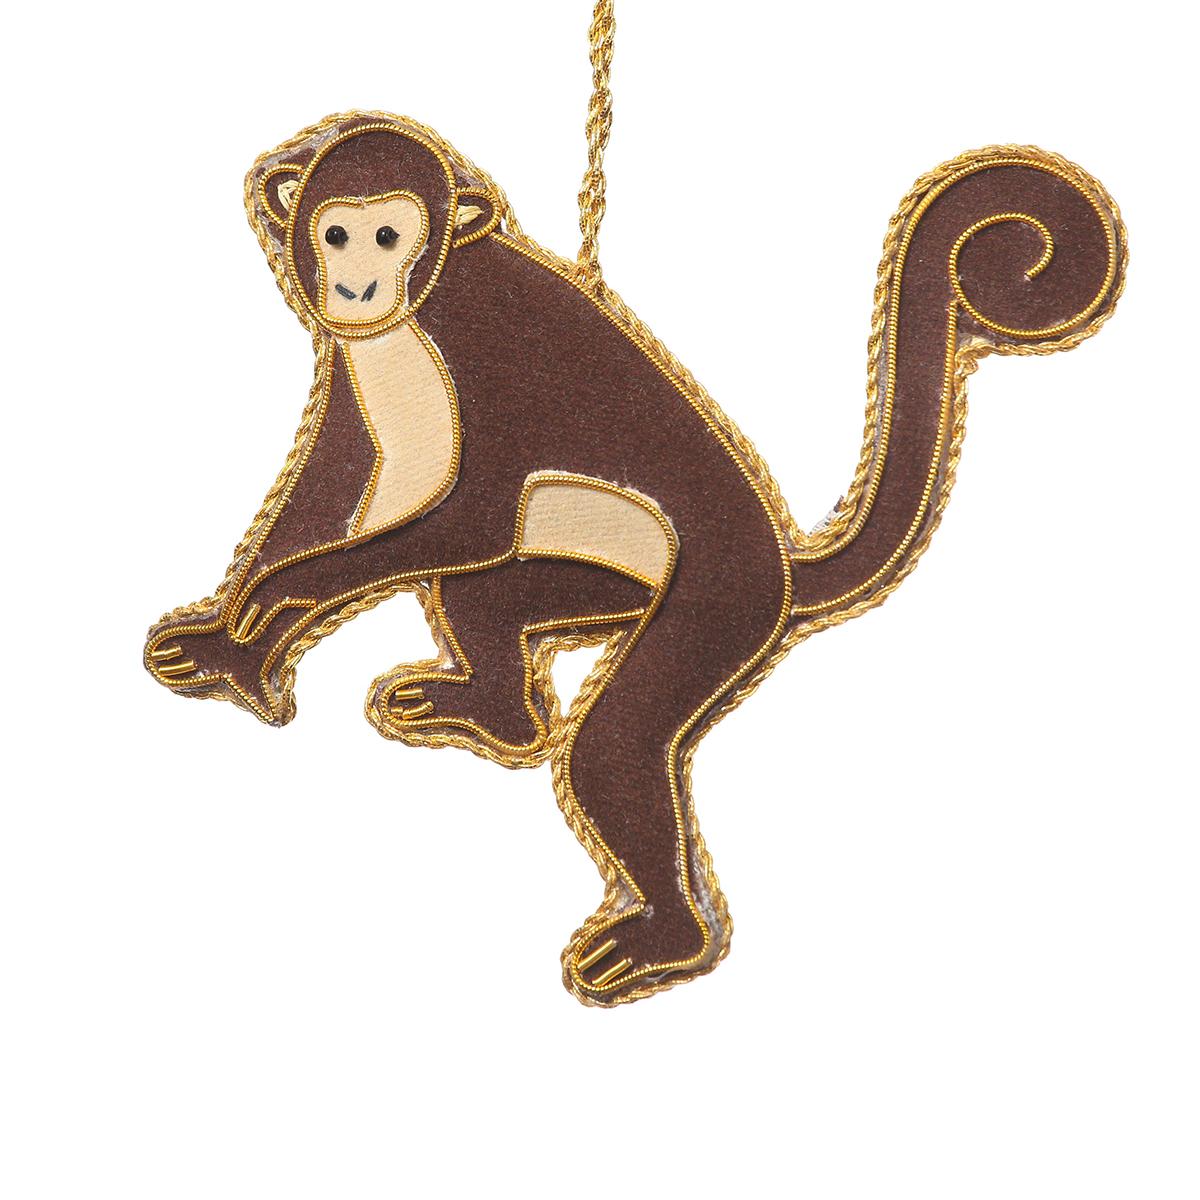 Monkey zardozi decoration